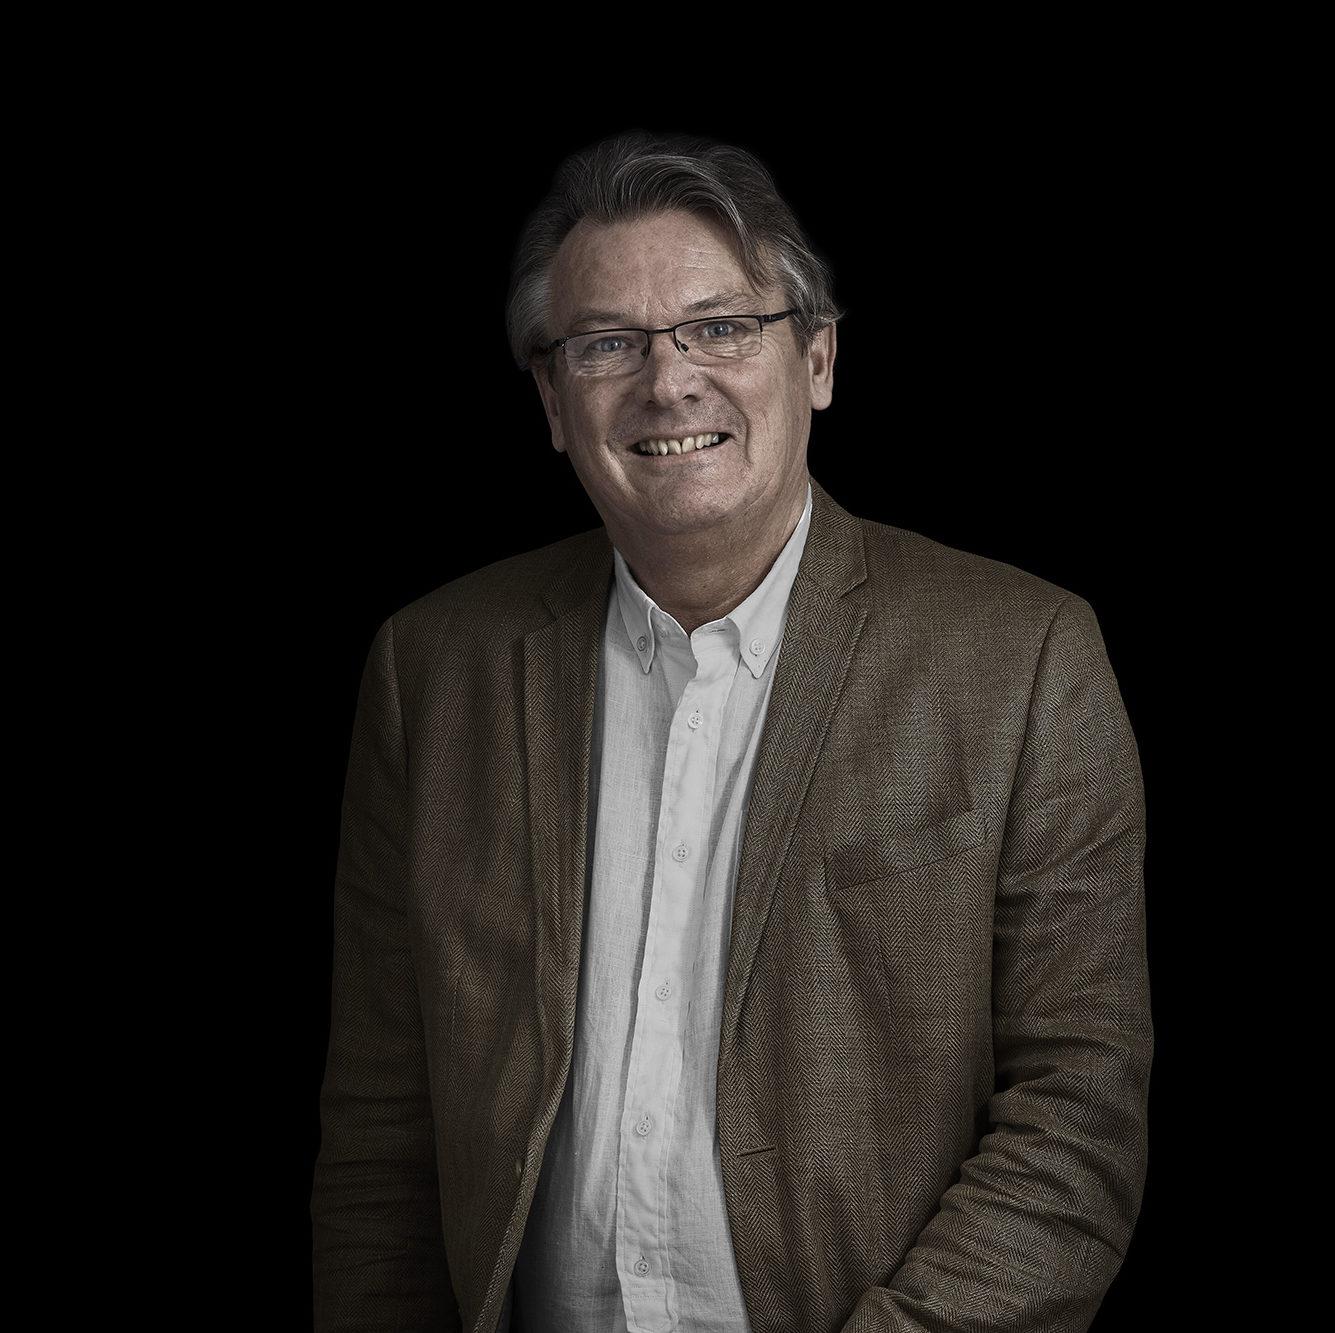 Peter Ehn